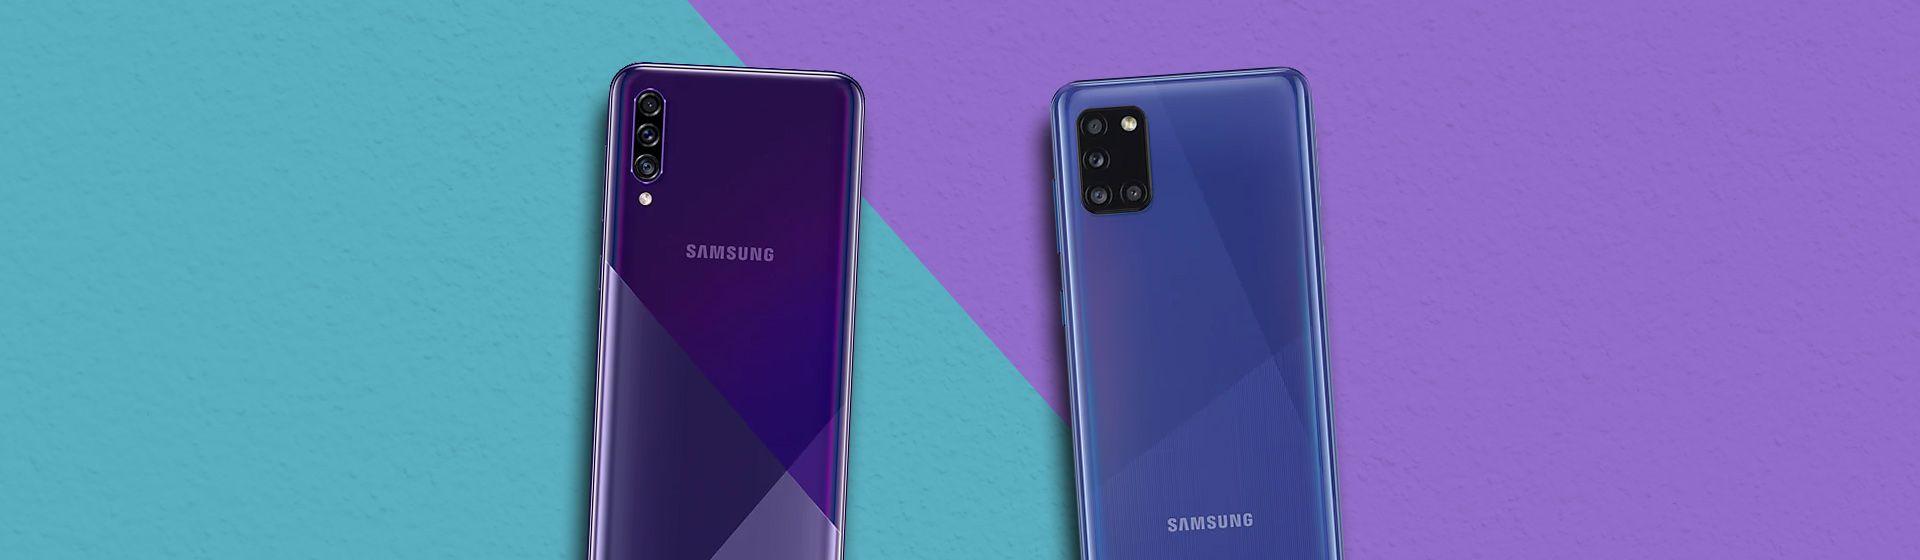 Galaxy A30s vs Galaxy A31: o que muda nos celulares Samsung?